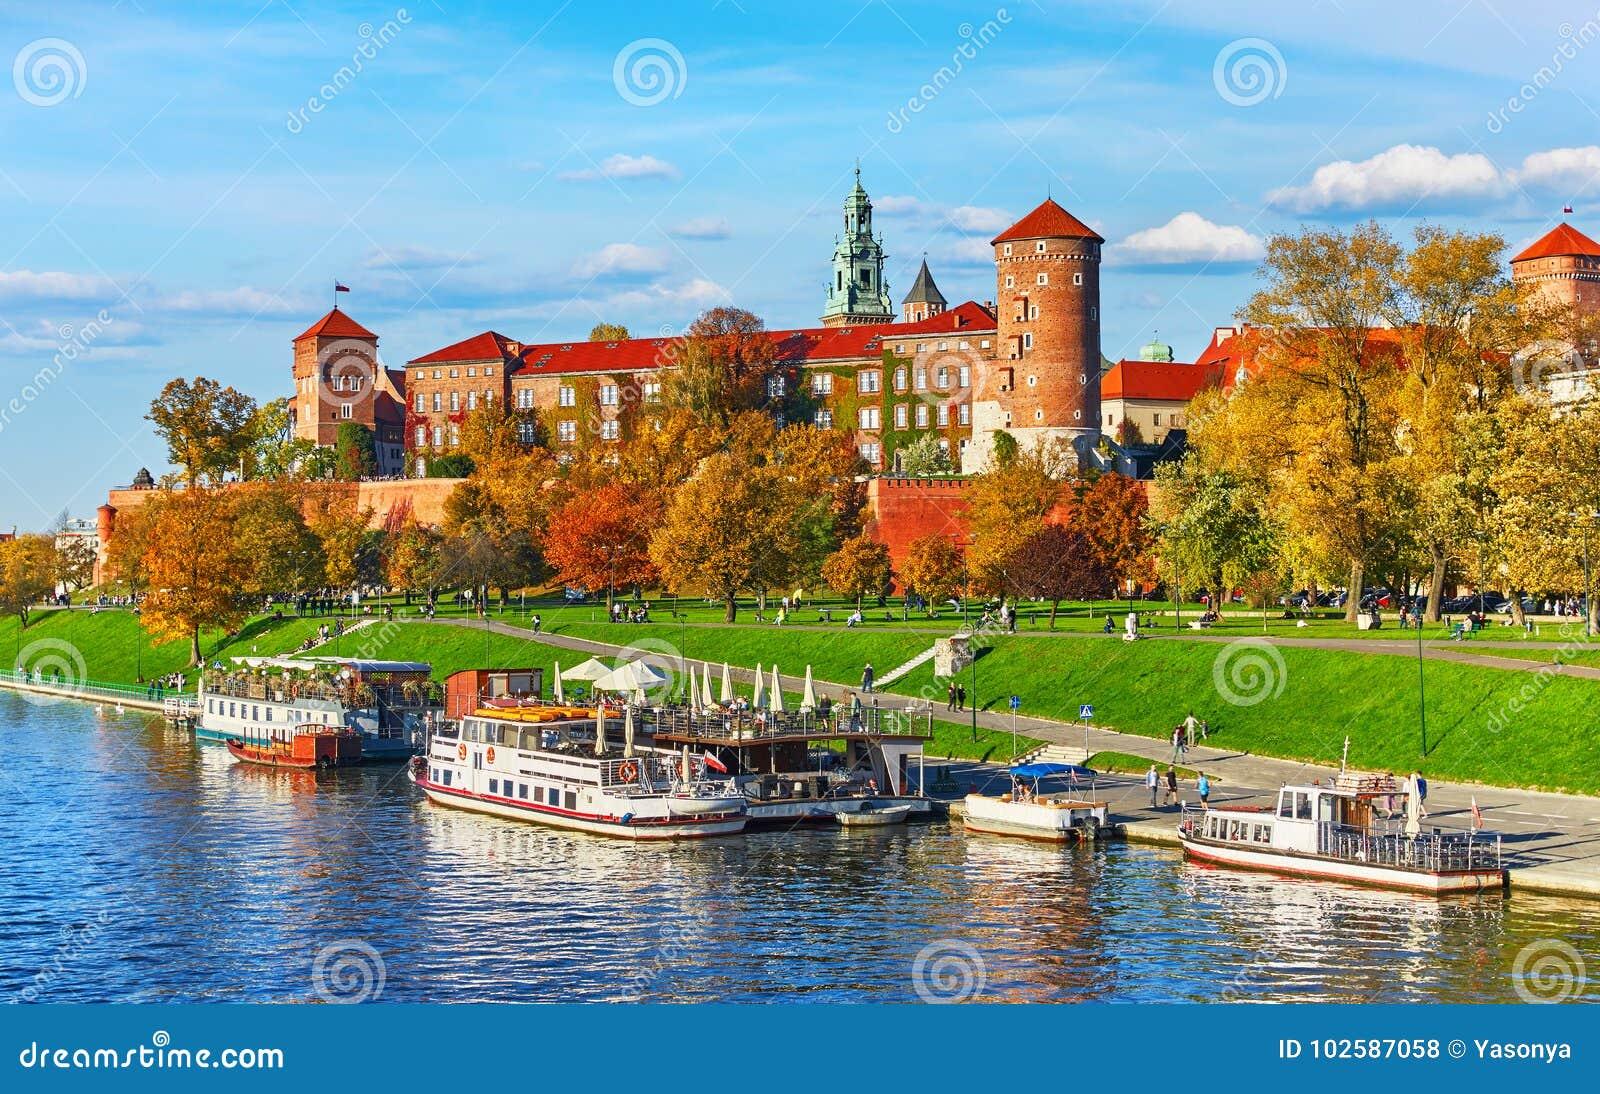 Wawel castle famous landmark in Krakow Poland